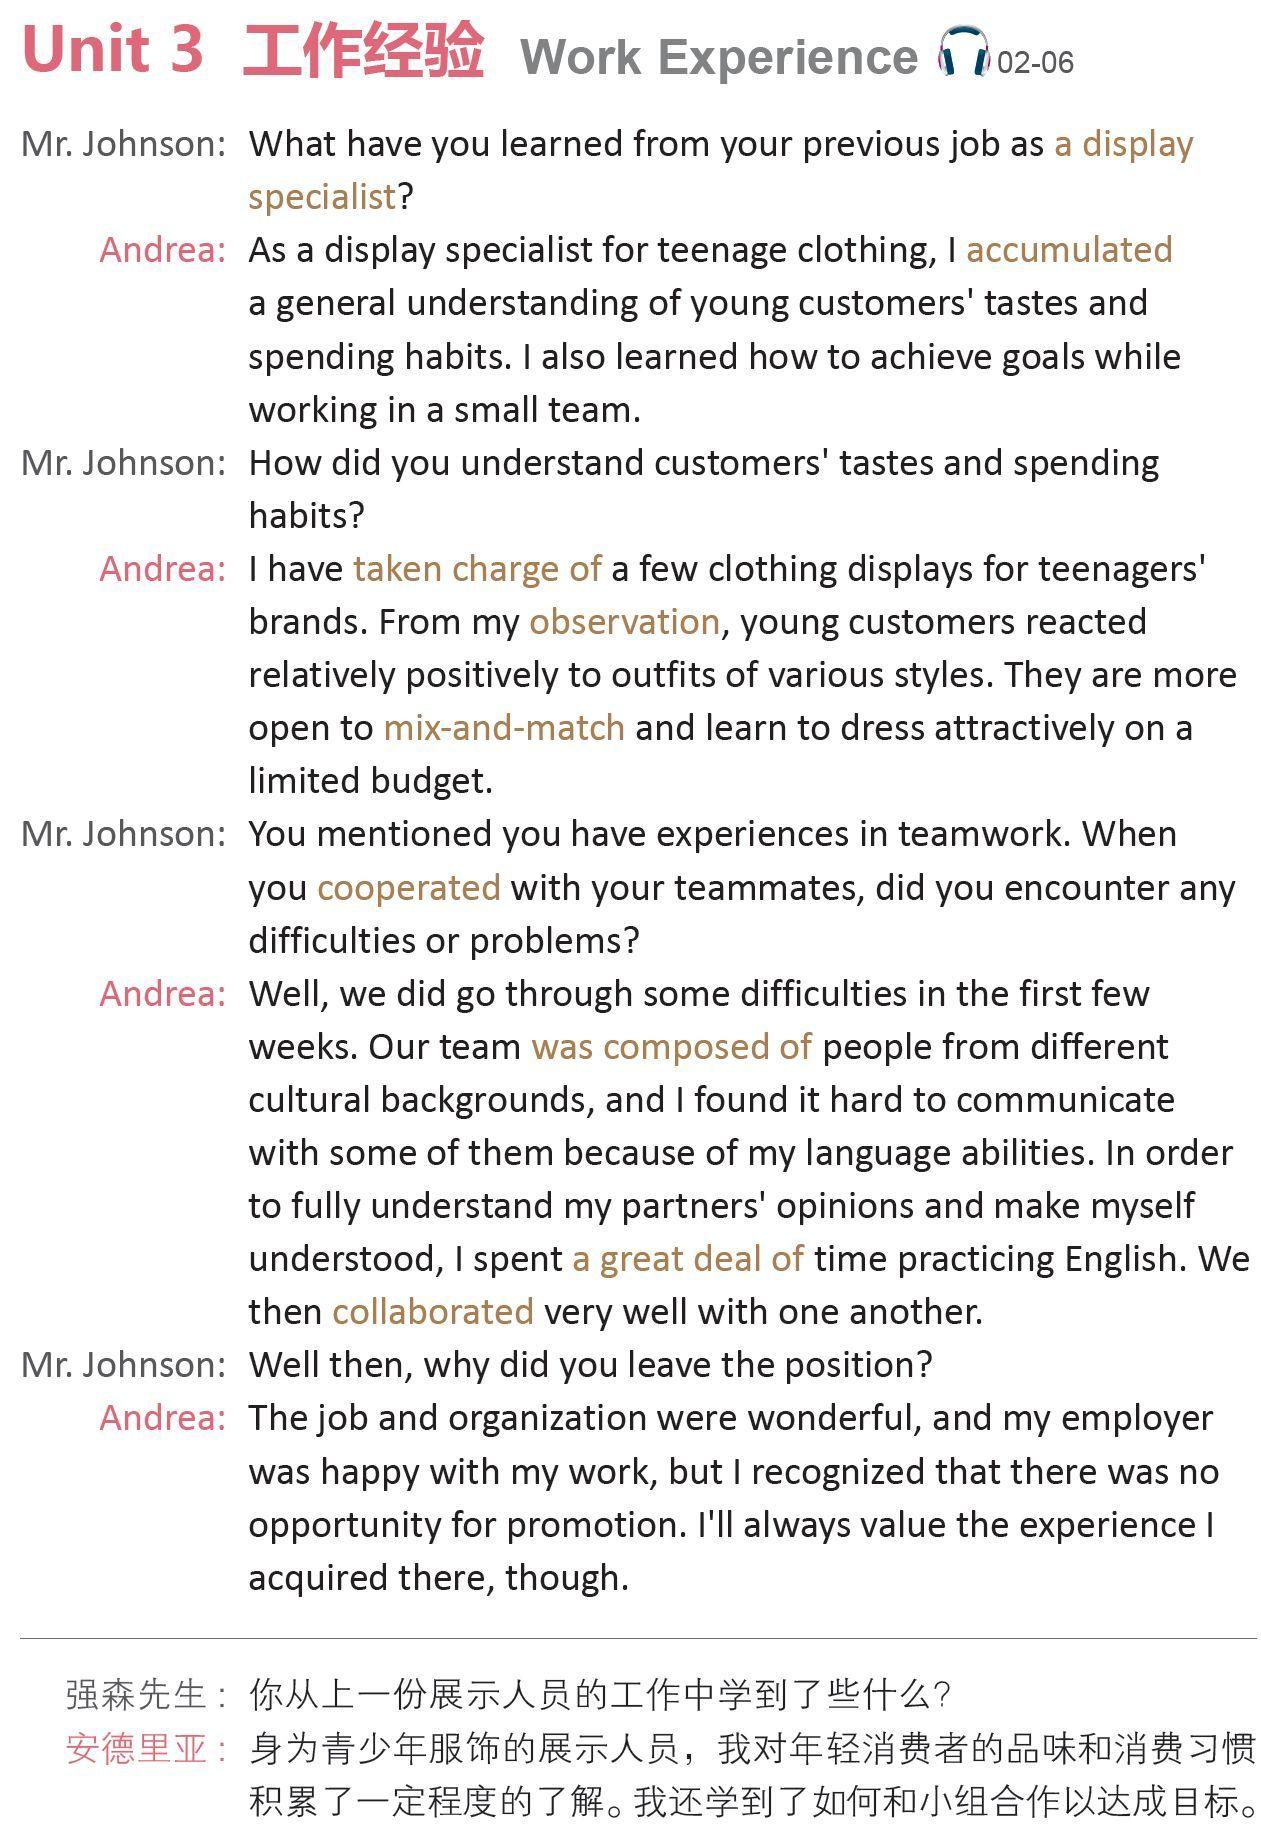 【职场口语从头学】第七讲: Work Experience 工作经